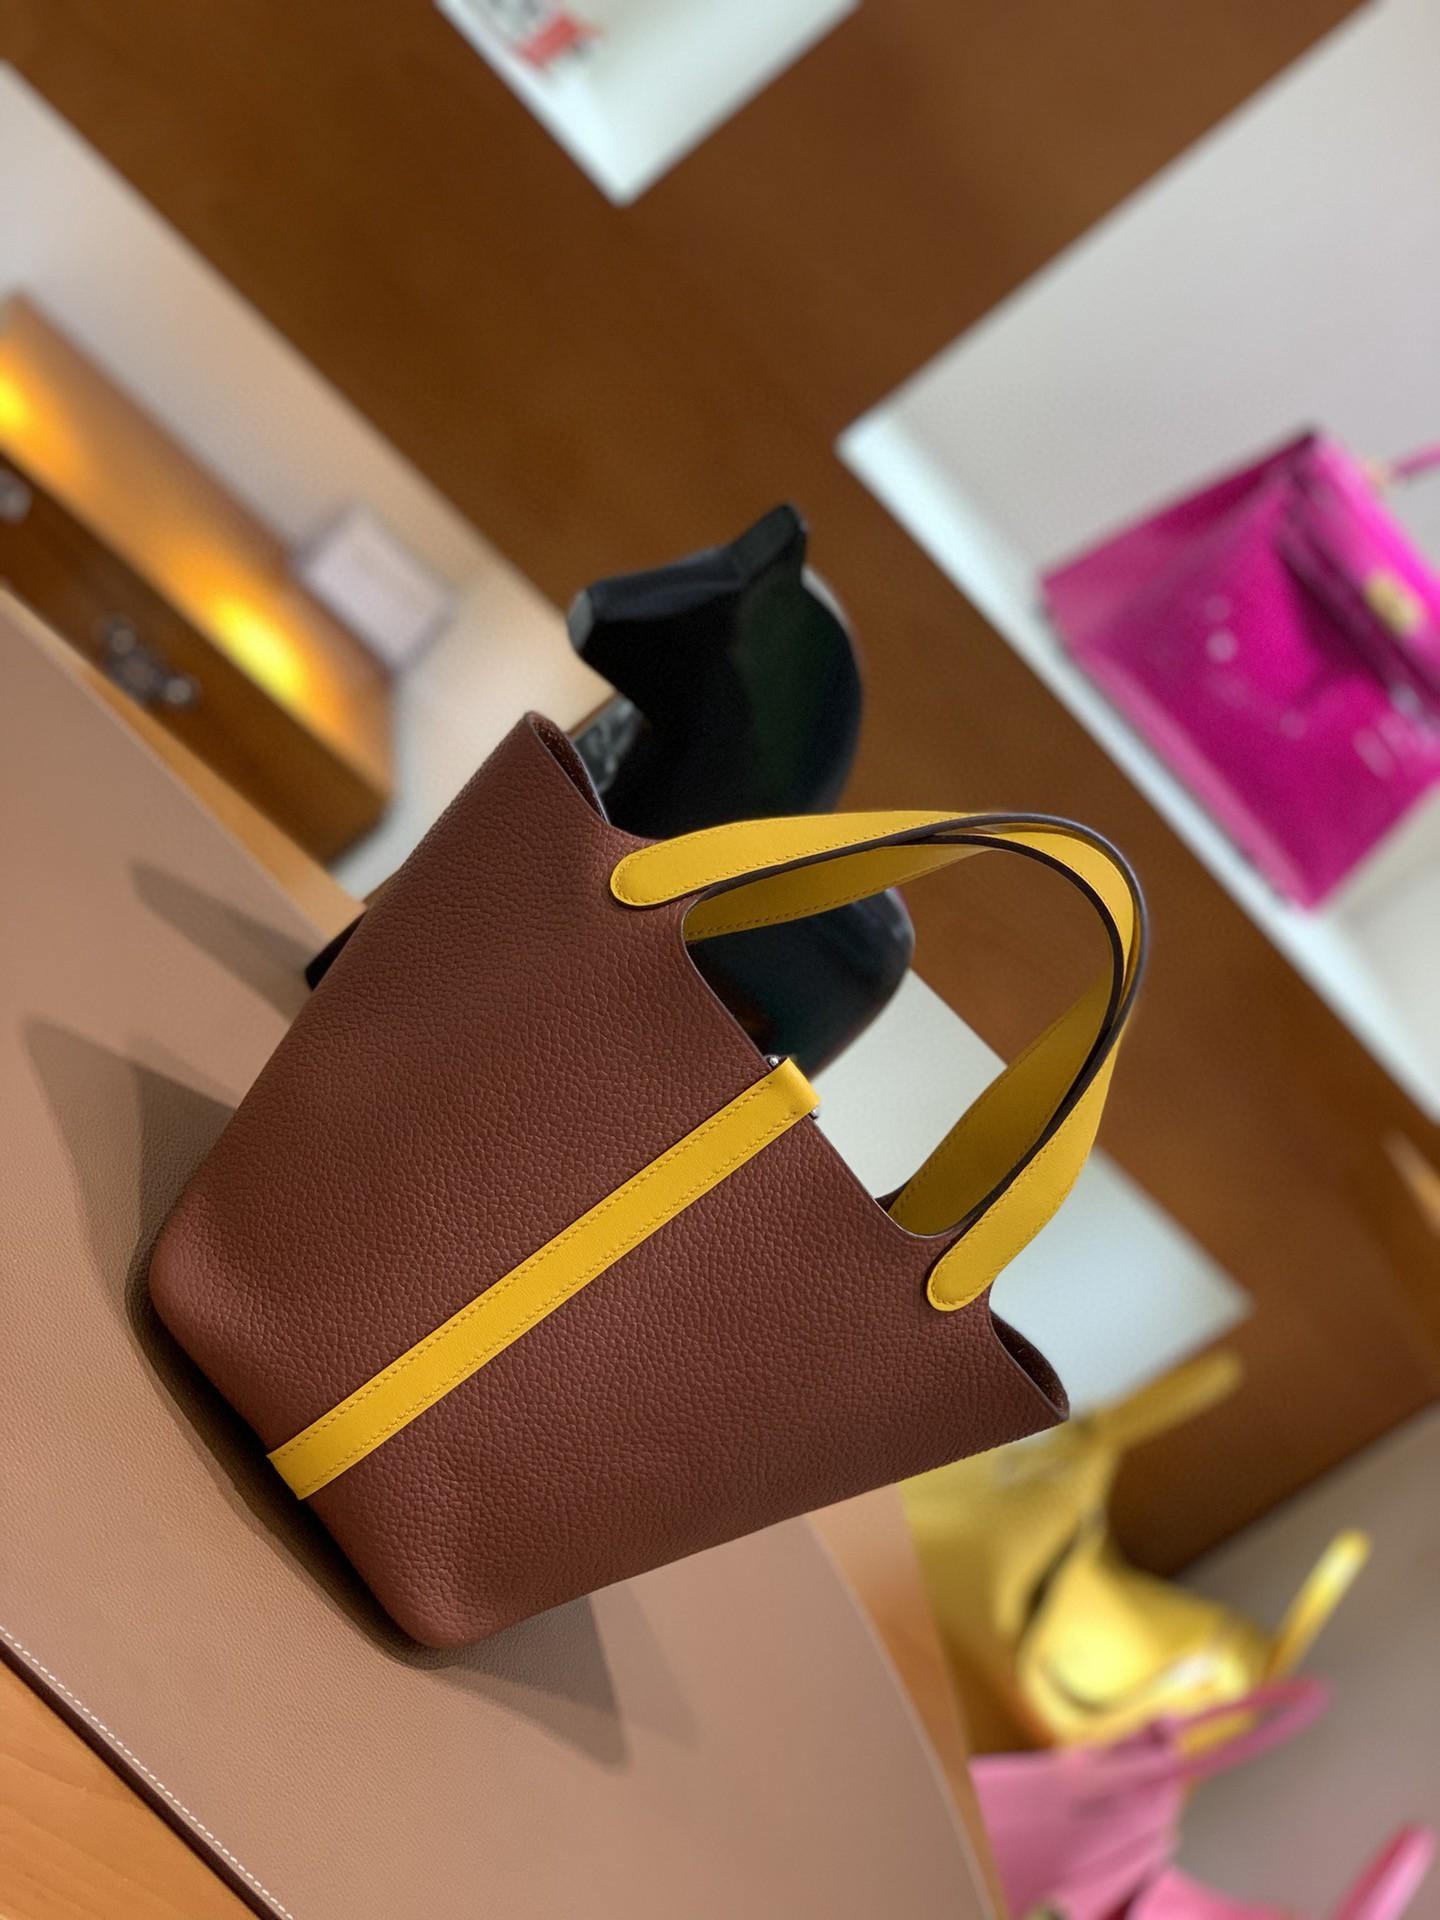 Hermès(爱马仕)Picotin 菜篮子 TCSF 古铜色太阳黄 18cm 银扣